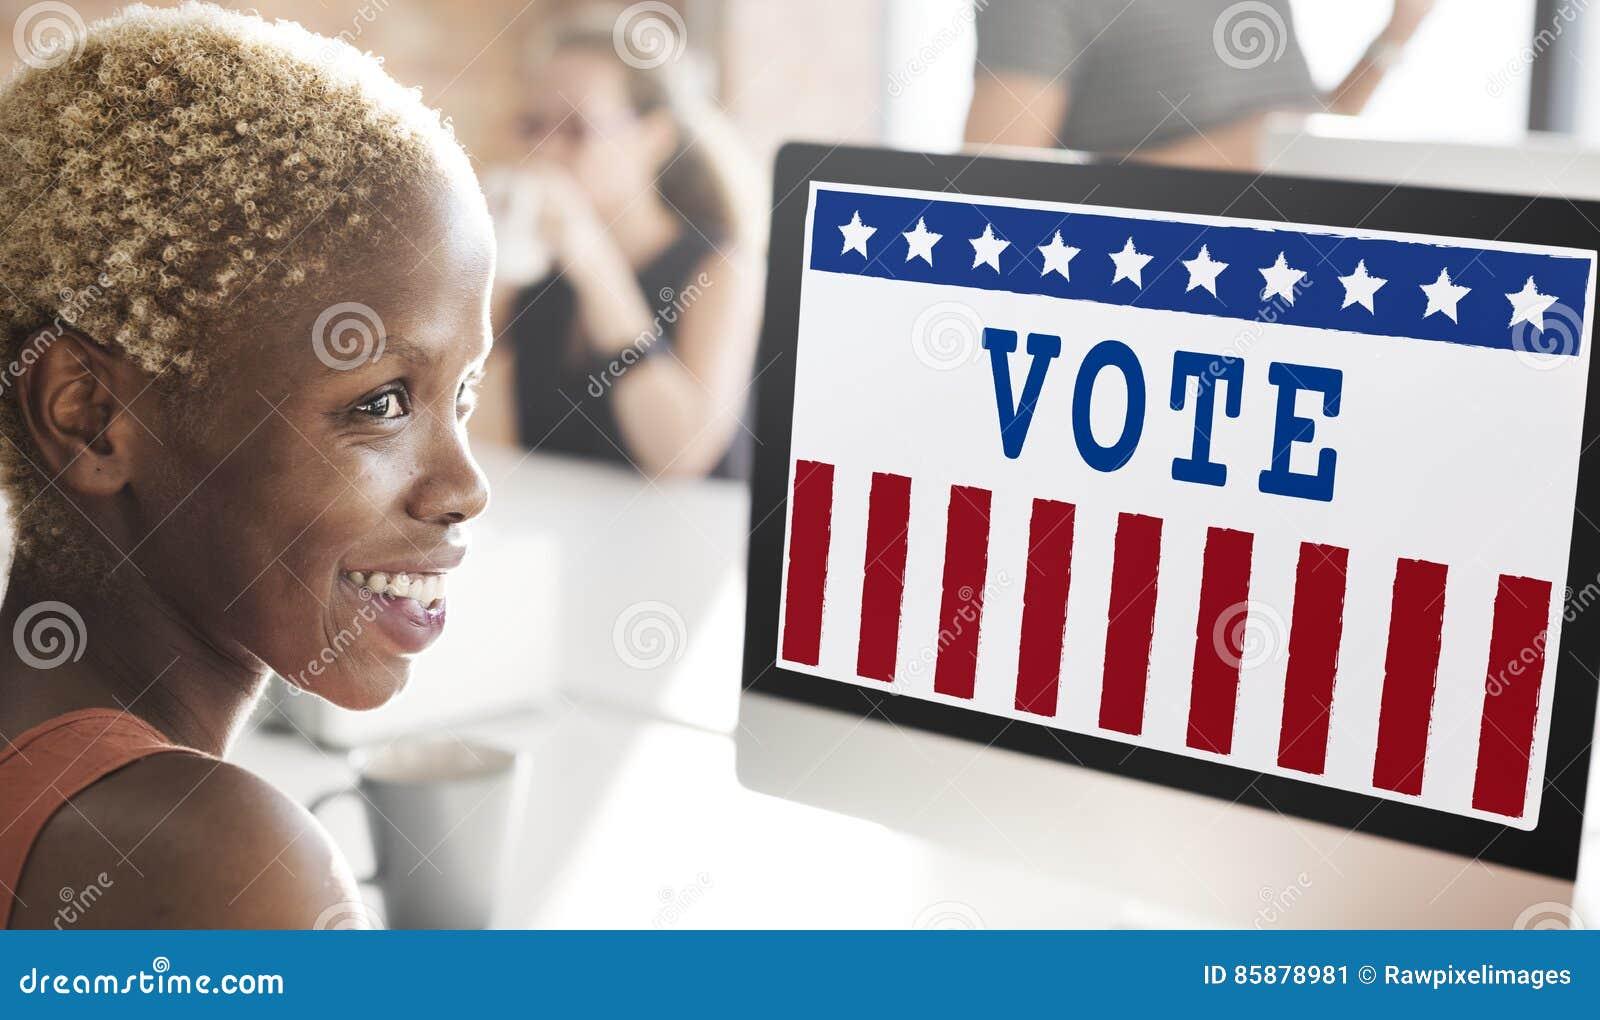 Conceito do voto da democracia do referendo do governo da política